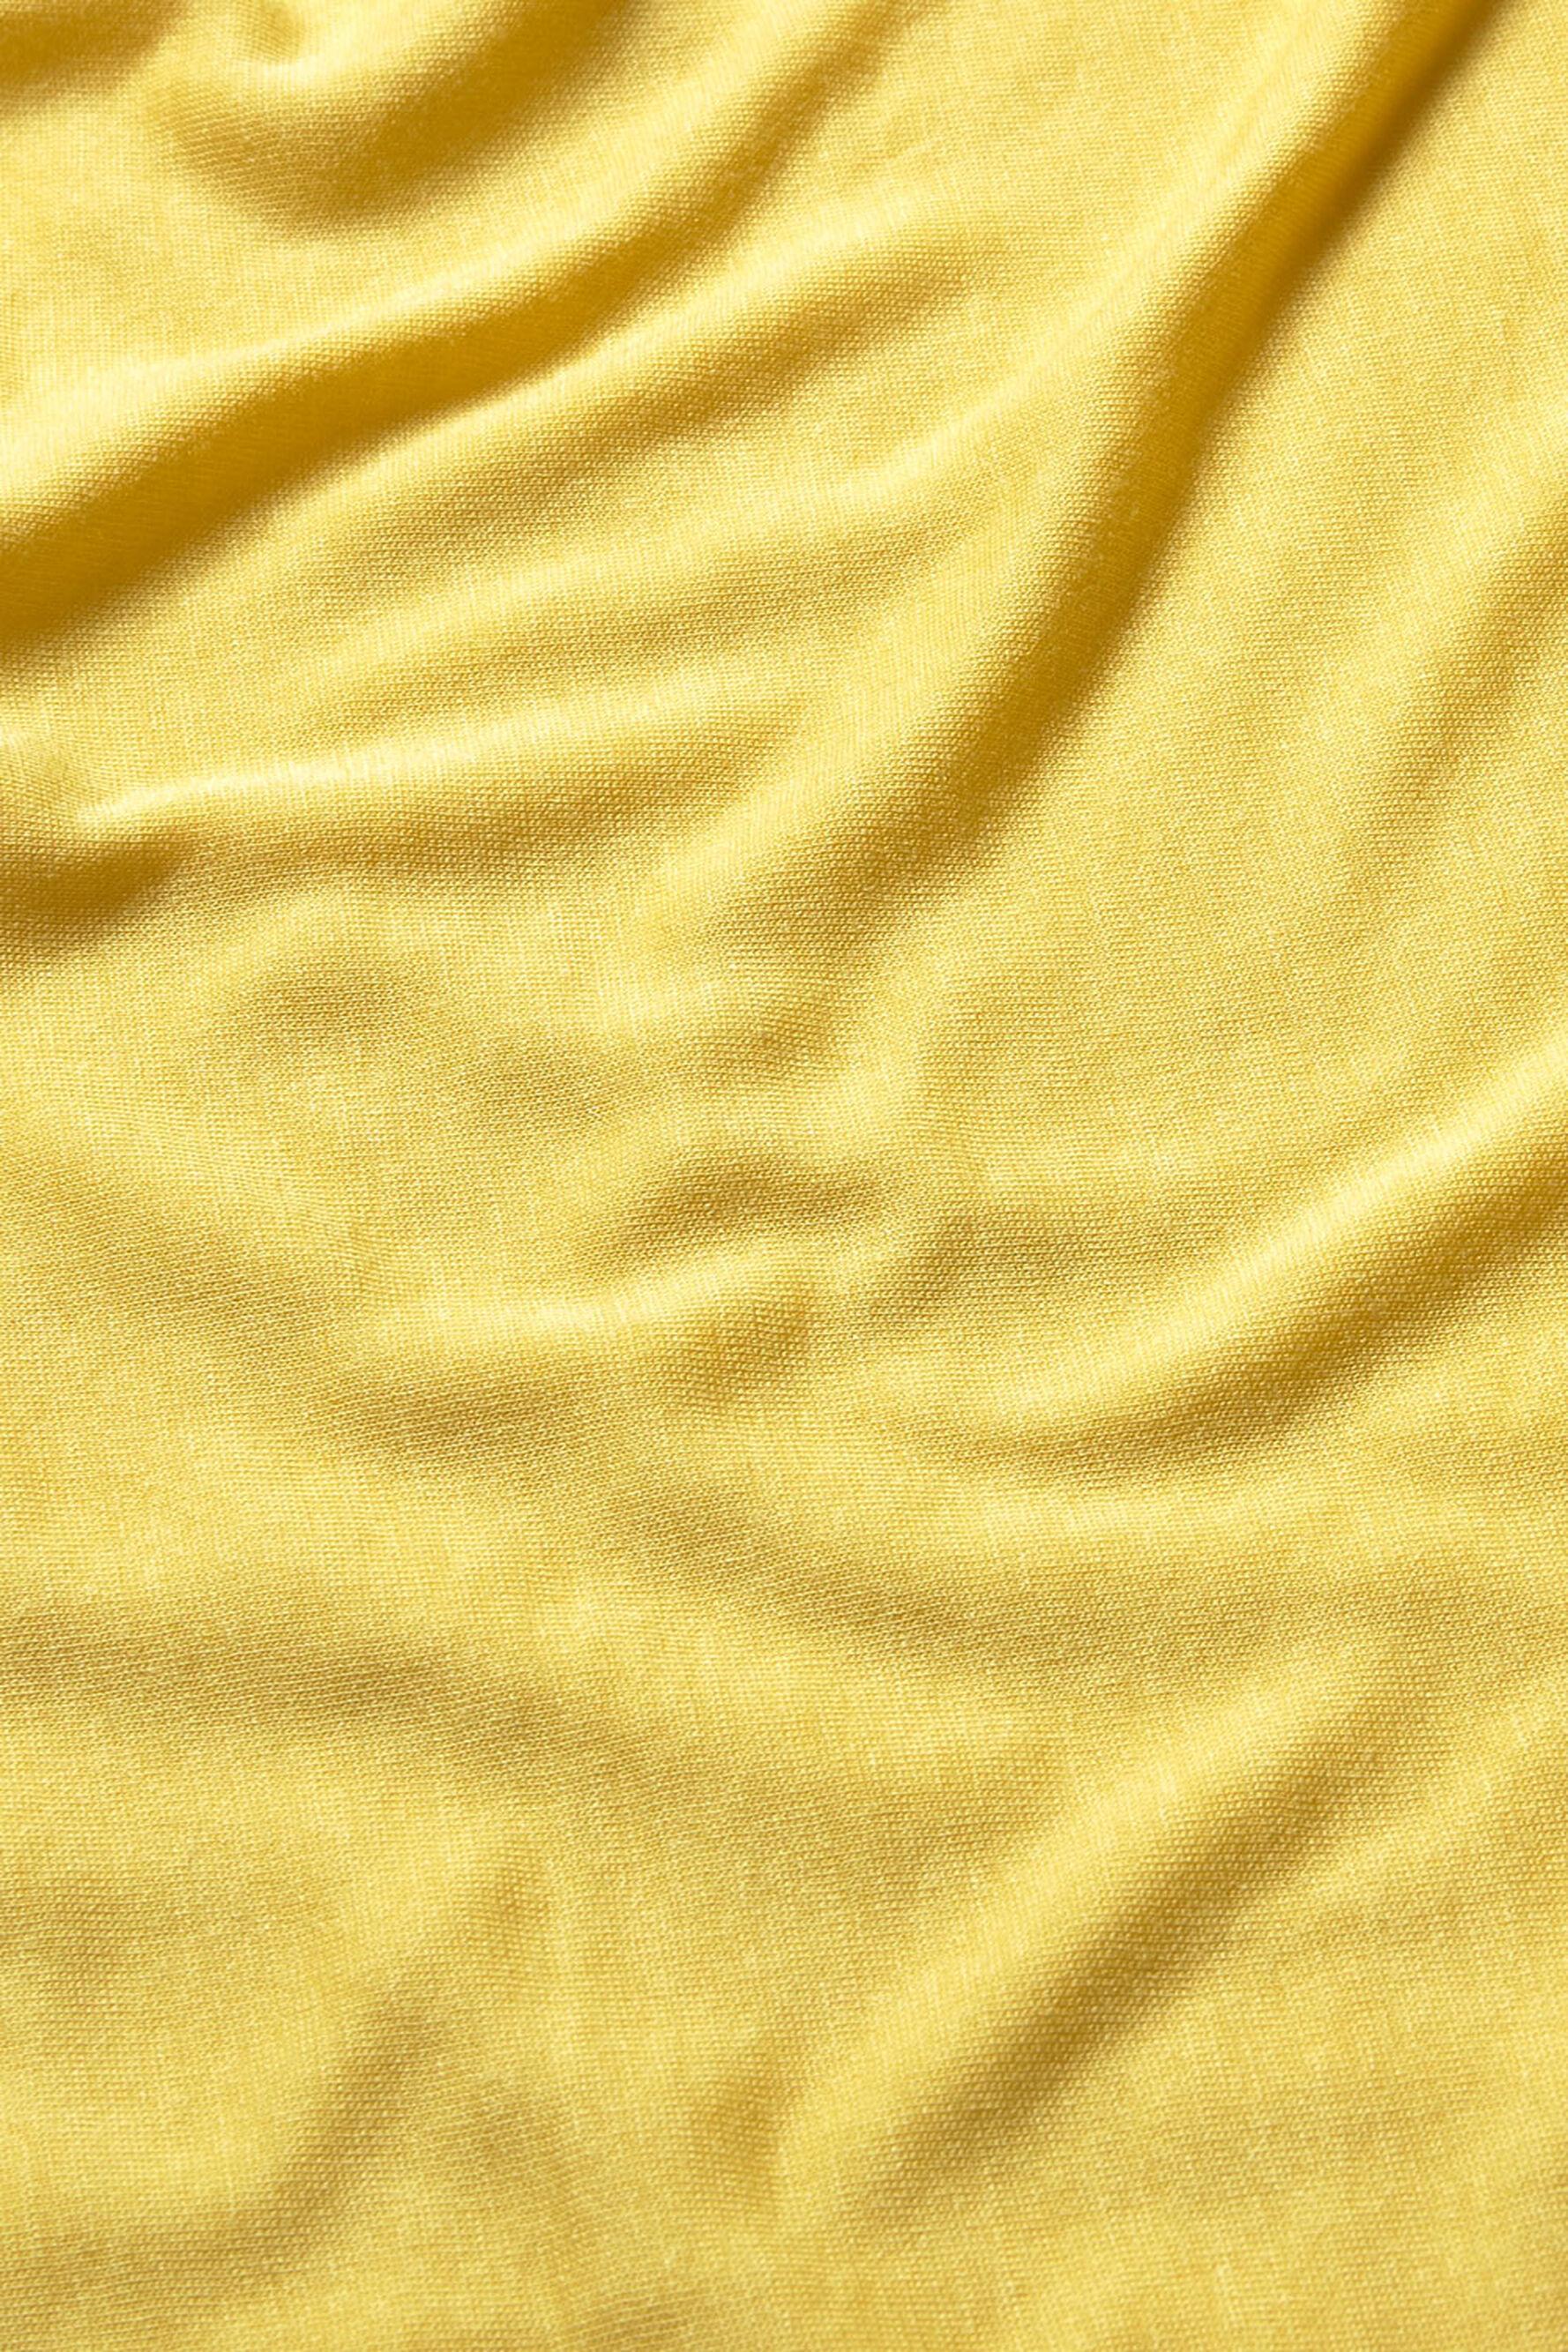 AMEGA TØRKLÆDE, Cream gold, hi-res